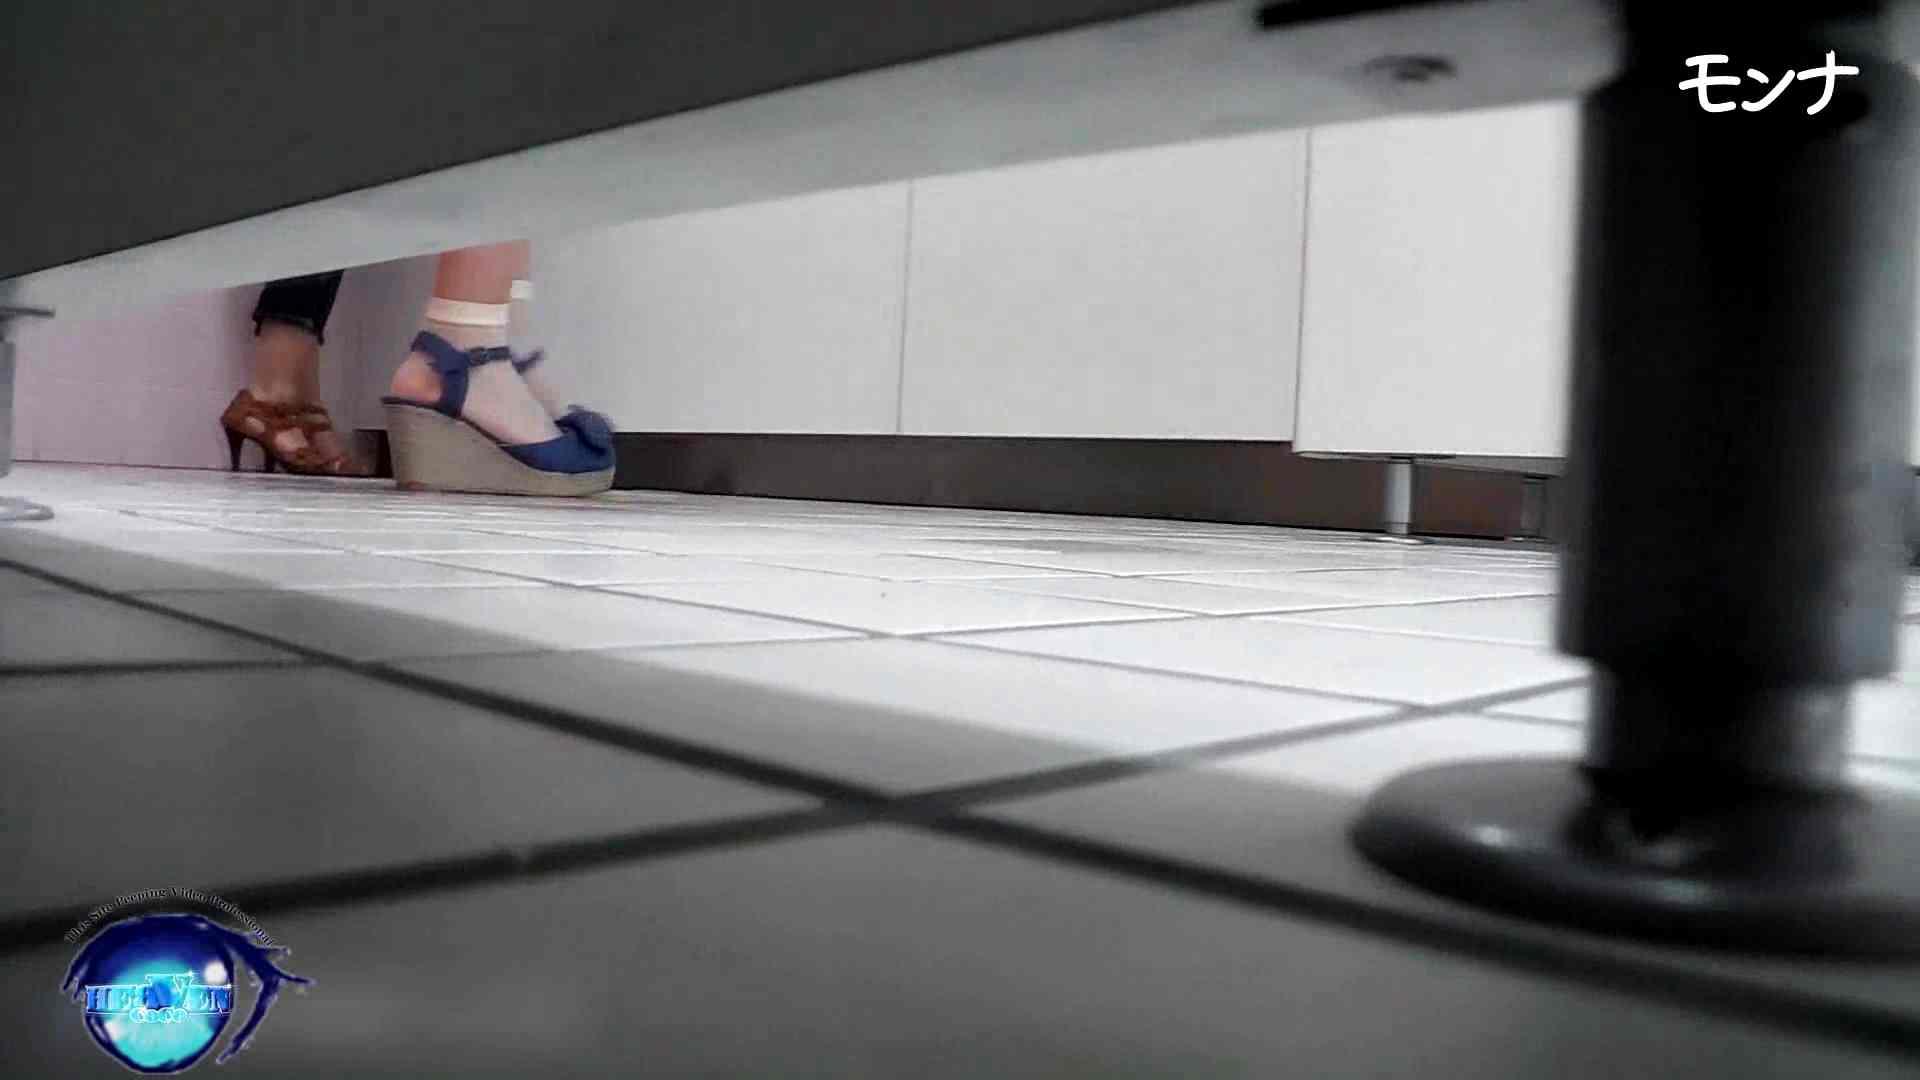 【美しい日本の未来】美しい日本の未来 No.82たまらない丸み、今度またハプニング起きる アナルプレイ 女性器鑑賞 98pic 68